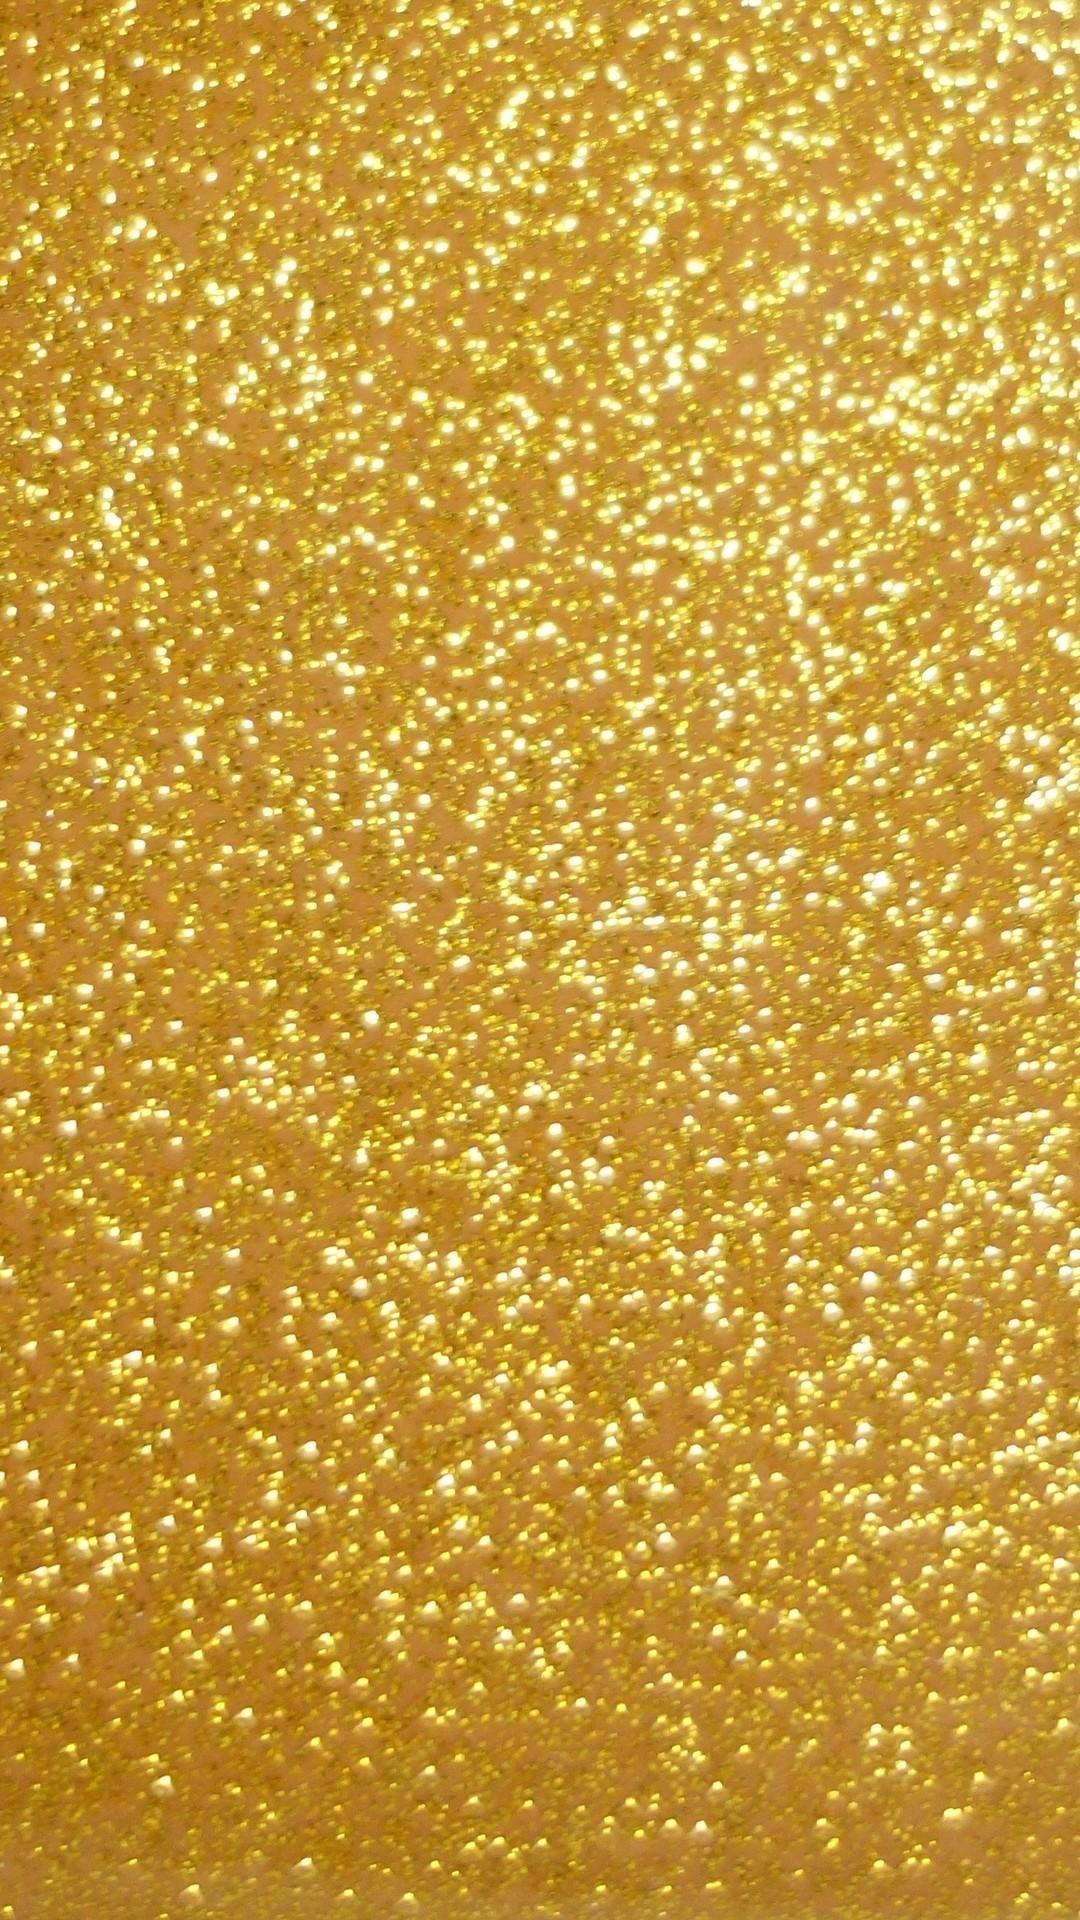 Wallpaper Gold Glitter Iphone Resolution - Gold Phone Screen Saver - HD Wallpaper